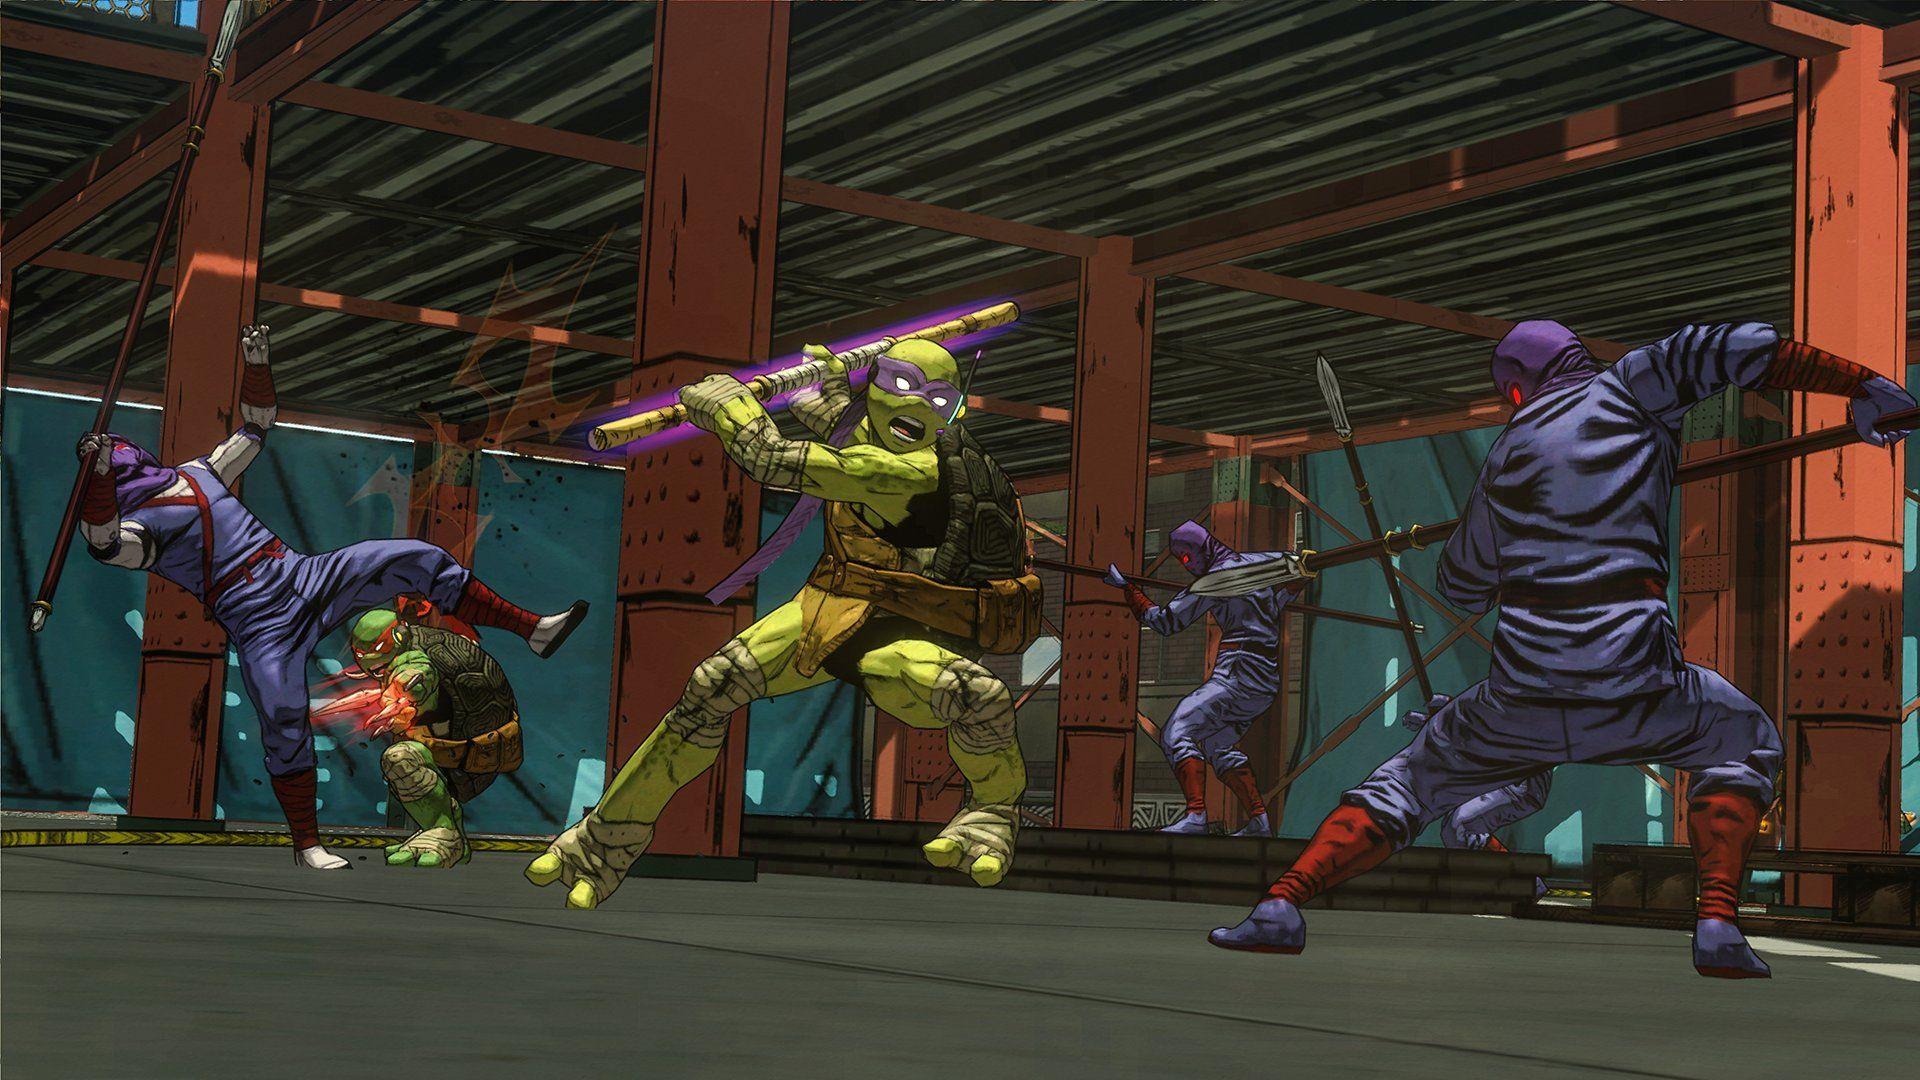 Teenage Mutant Ninja Turtles Mutants In Manhattan Playstation 4 Ninja Mutant Teenage Tur Teenage Mutant Ninja Turtles Teenage Mutant Ninja Activision